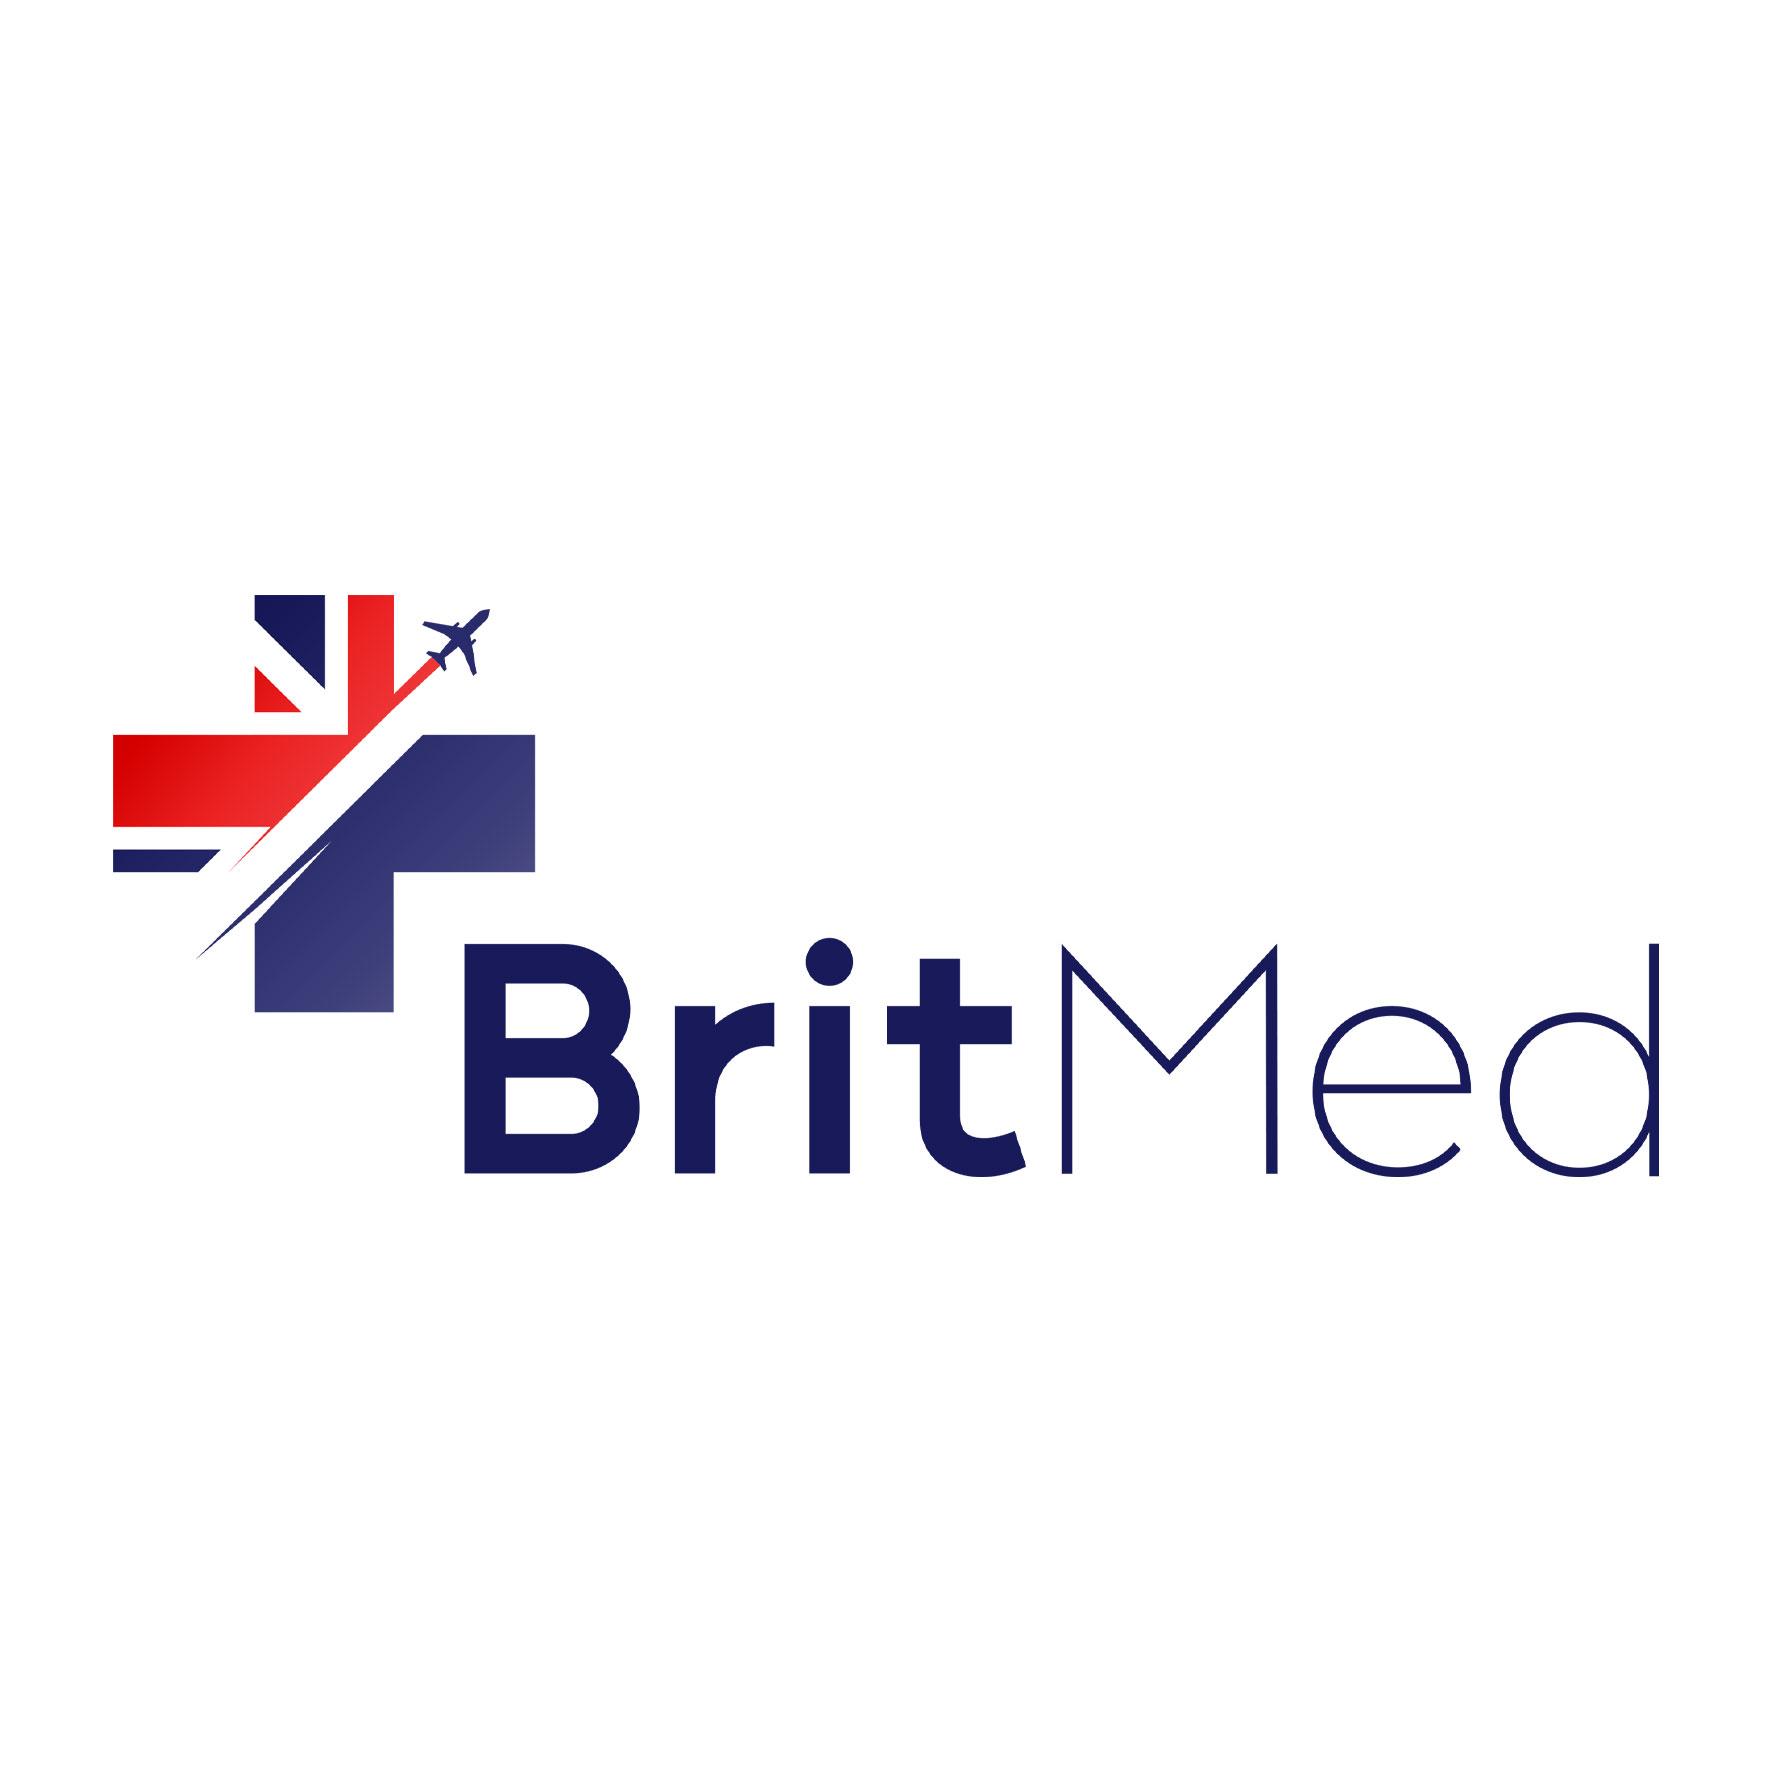 BritMed